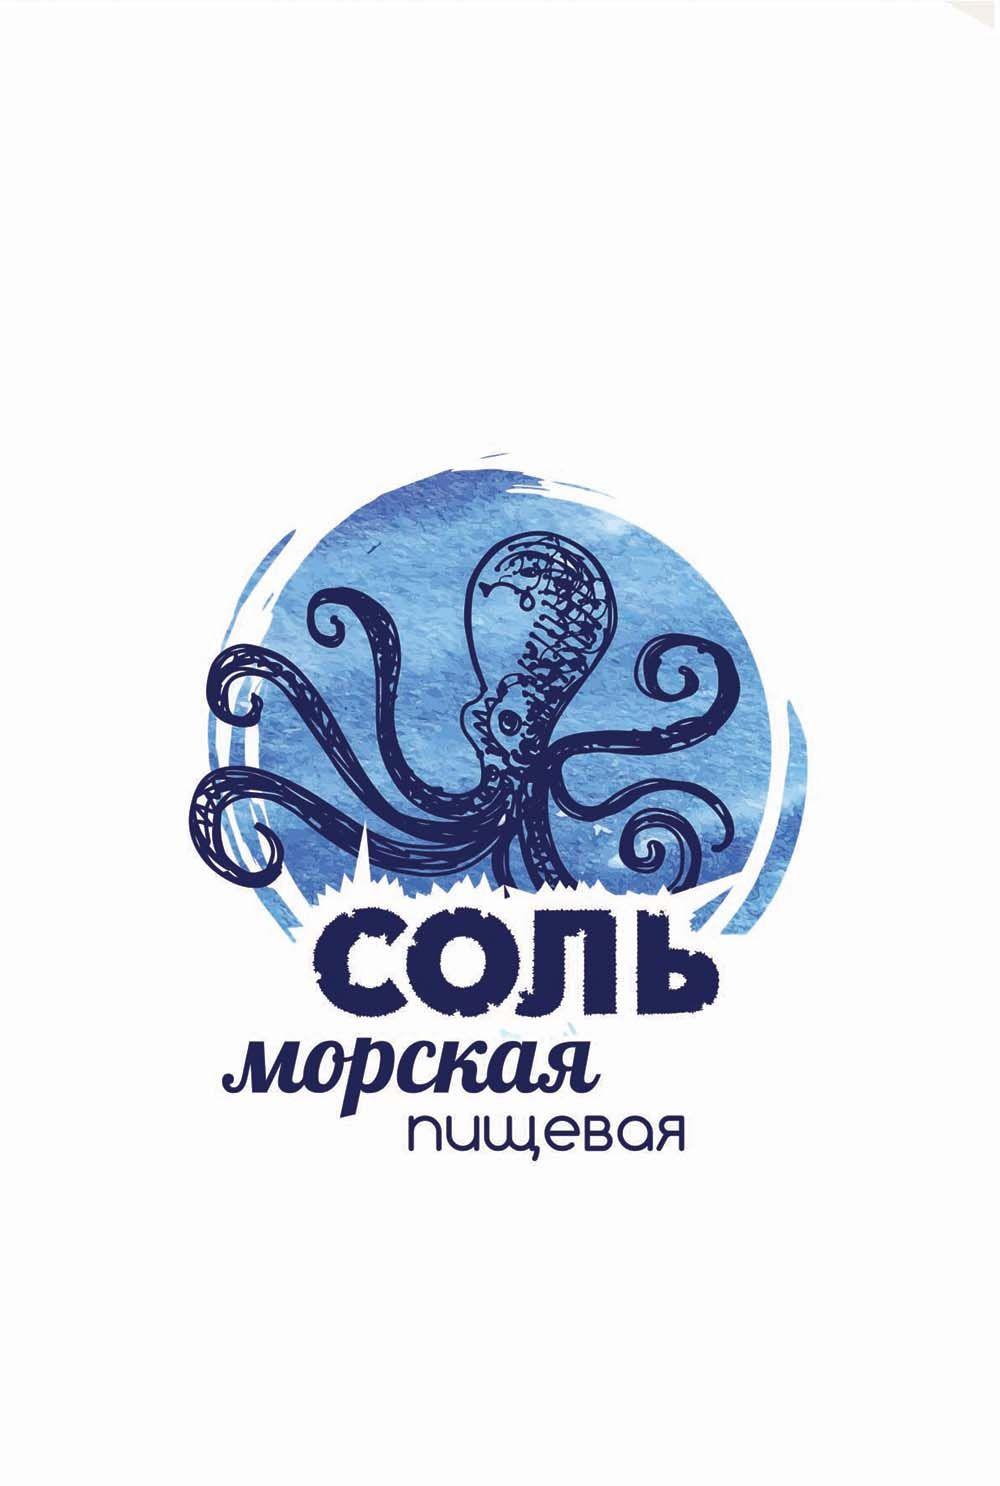 Дизайн этикетки для соли пищевой морской  - дизайнер valeriana_88